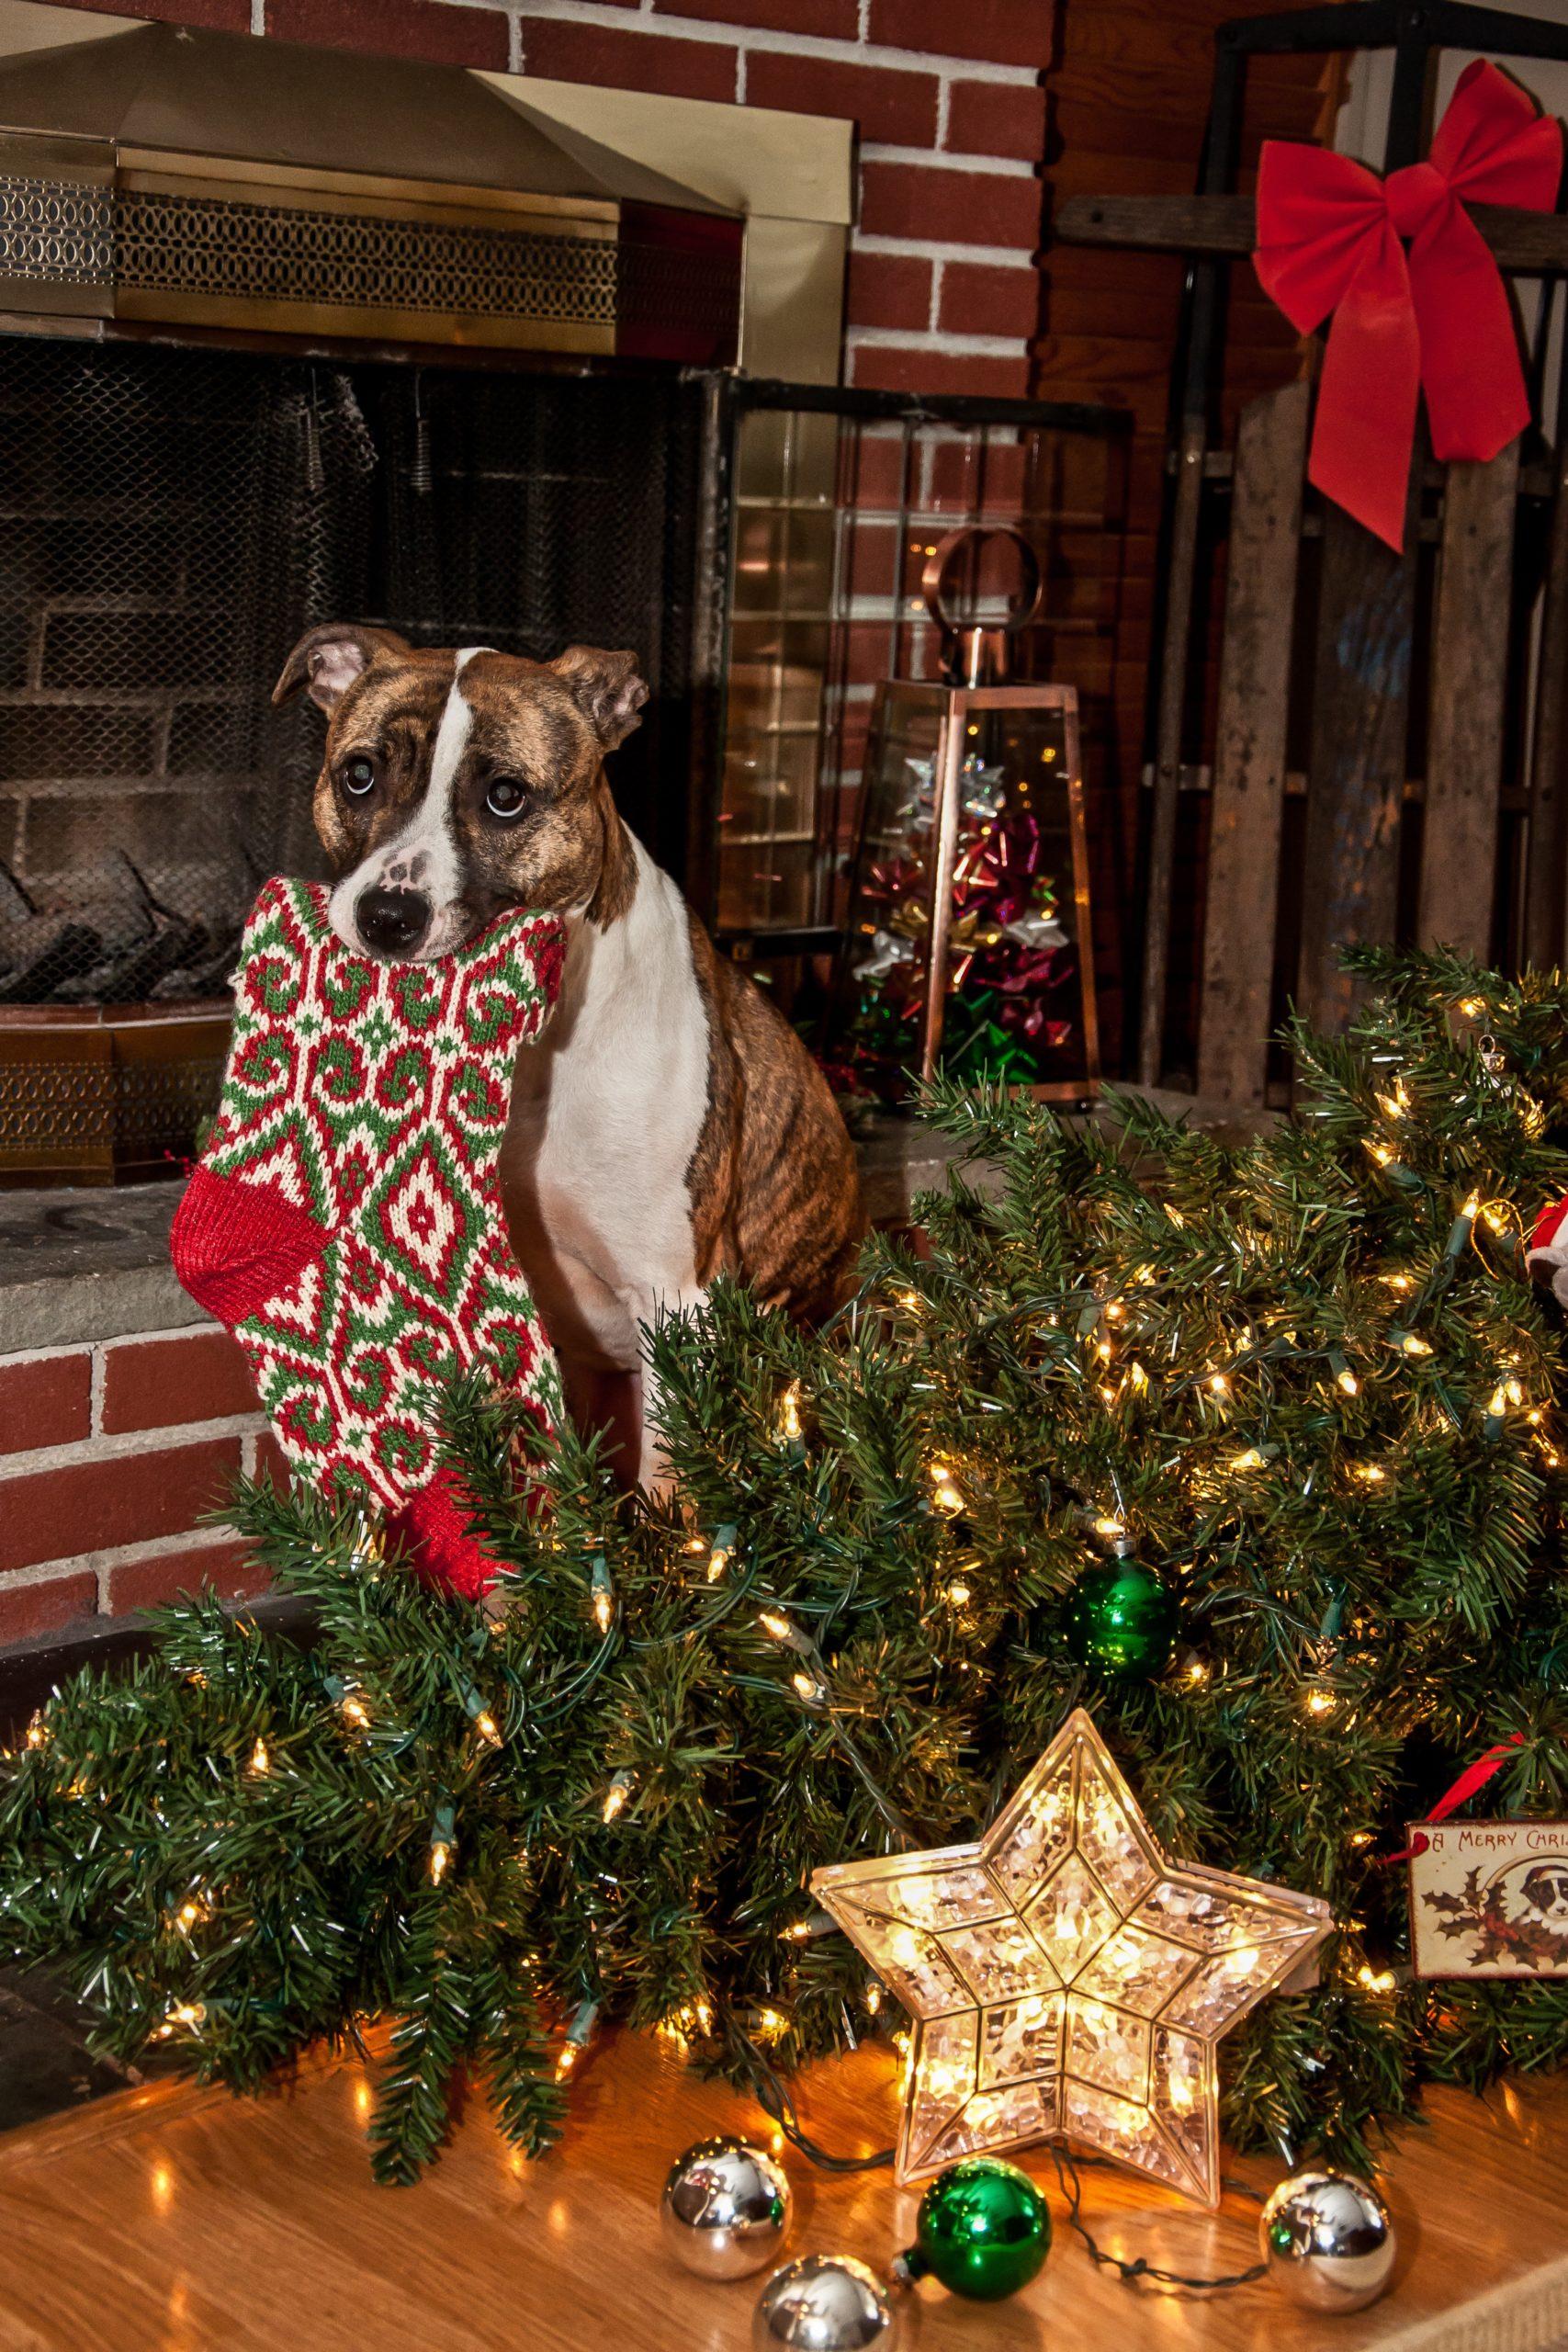 Dog knocks over Christmas tree